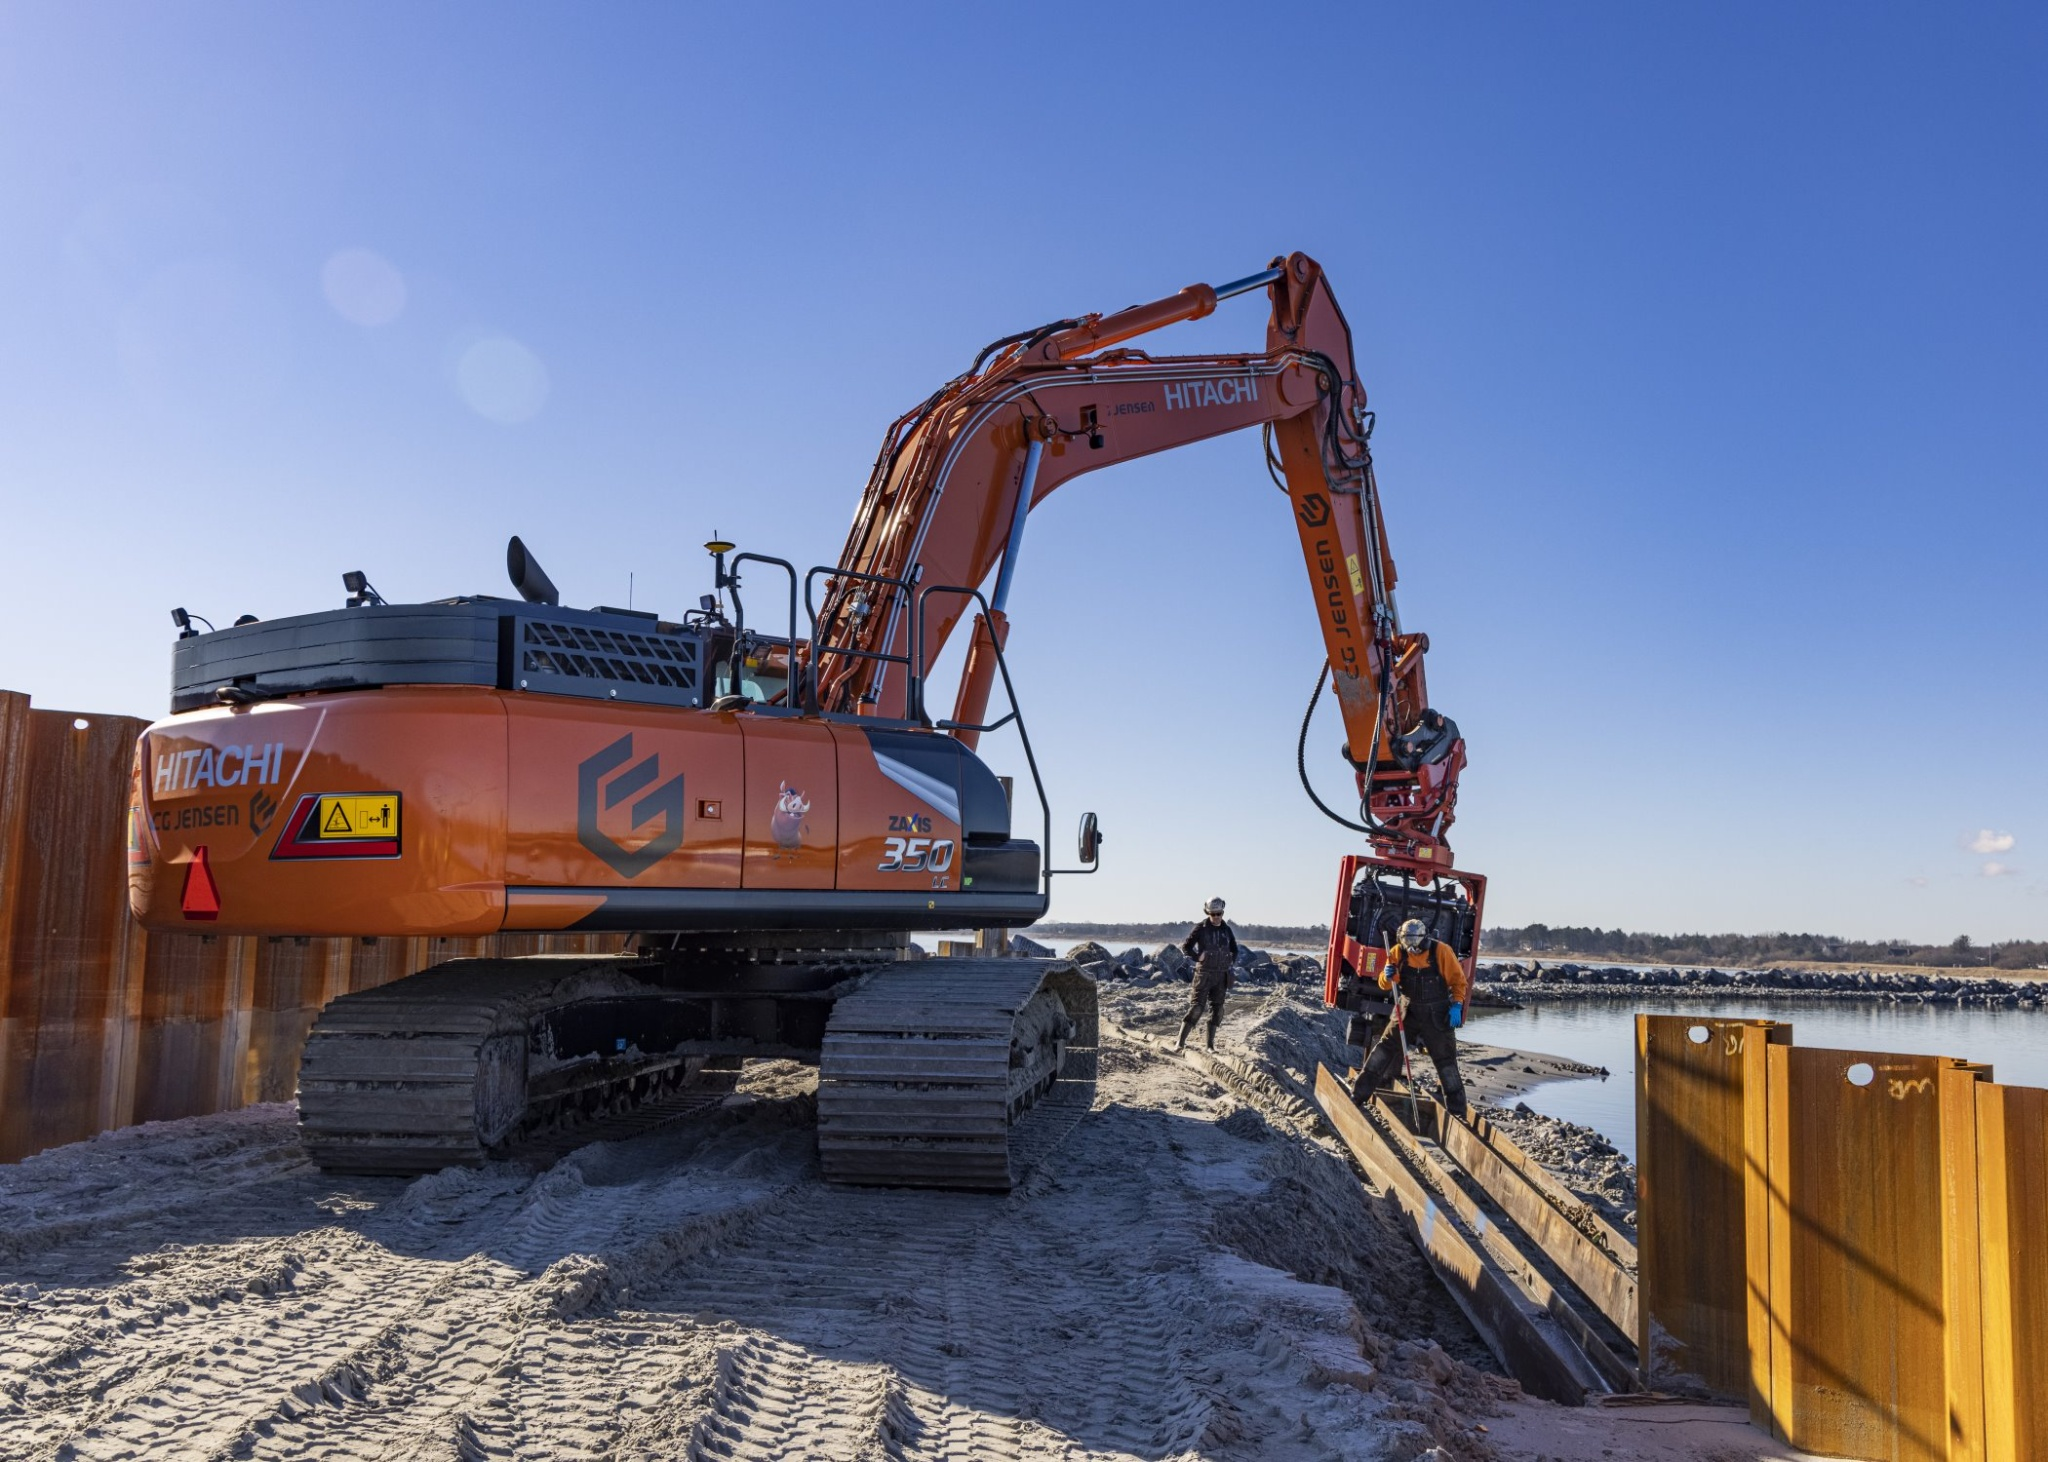 Stor havneudvidelse kræver maskinkraft med stærke vibrationer